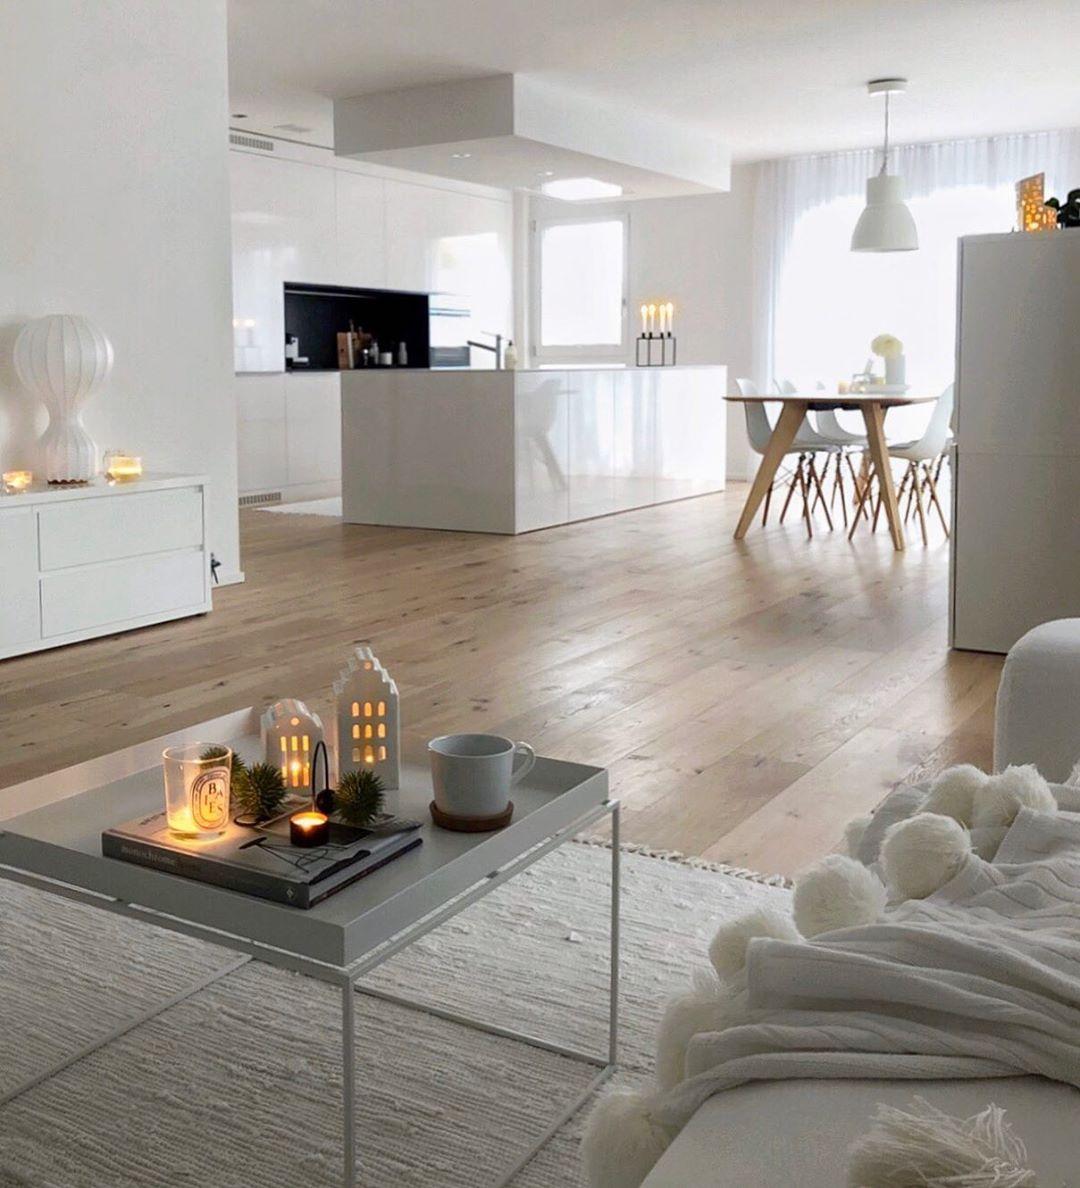 Wochenende....   Ist Nun Fast Vorbei Livingroomdecor - Decoration Ideas